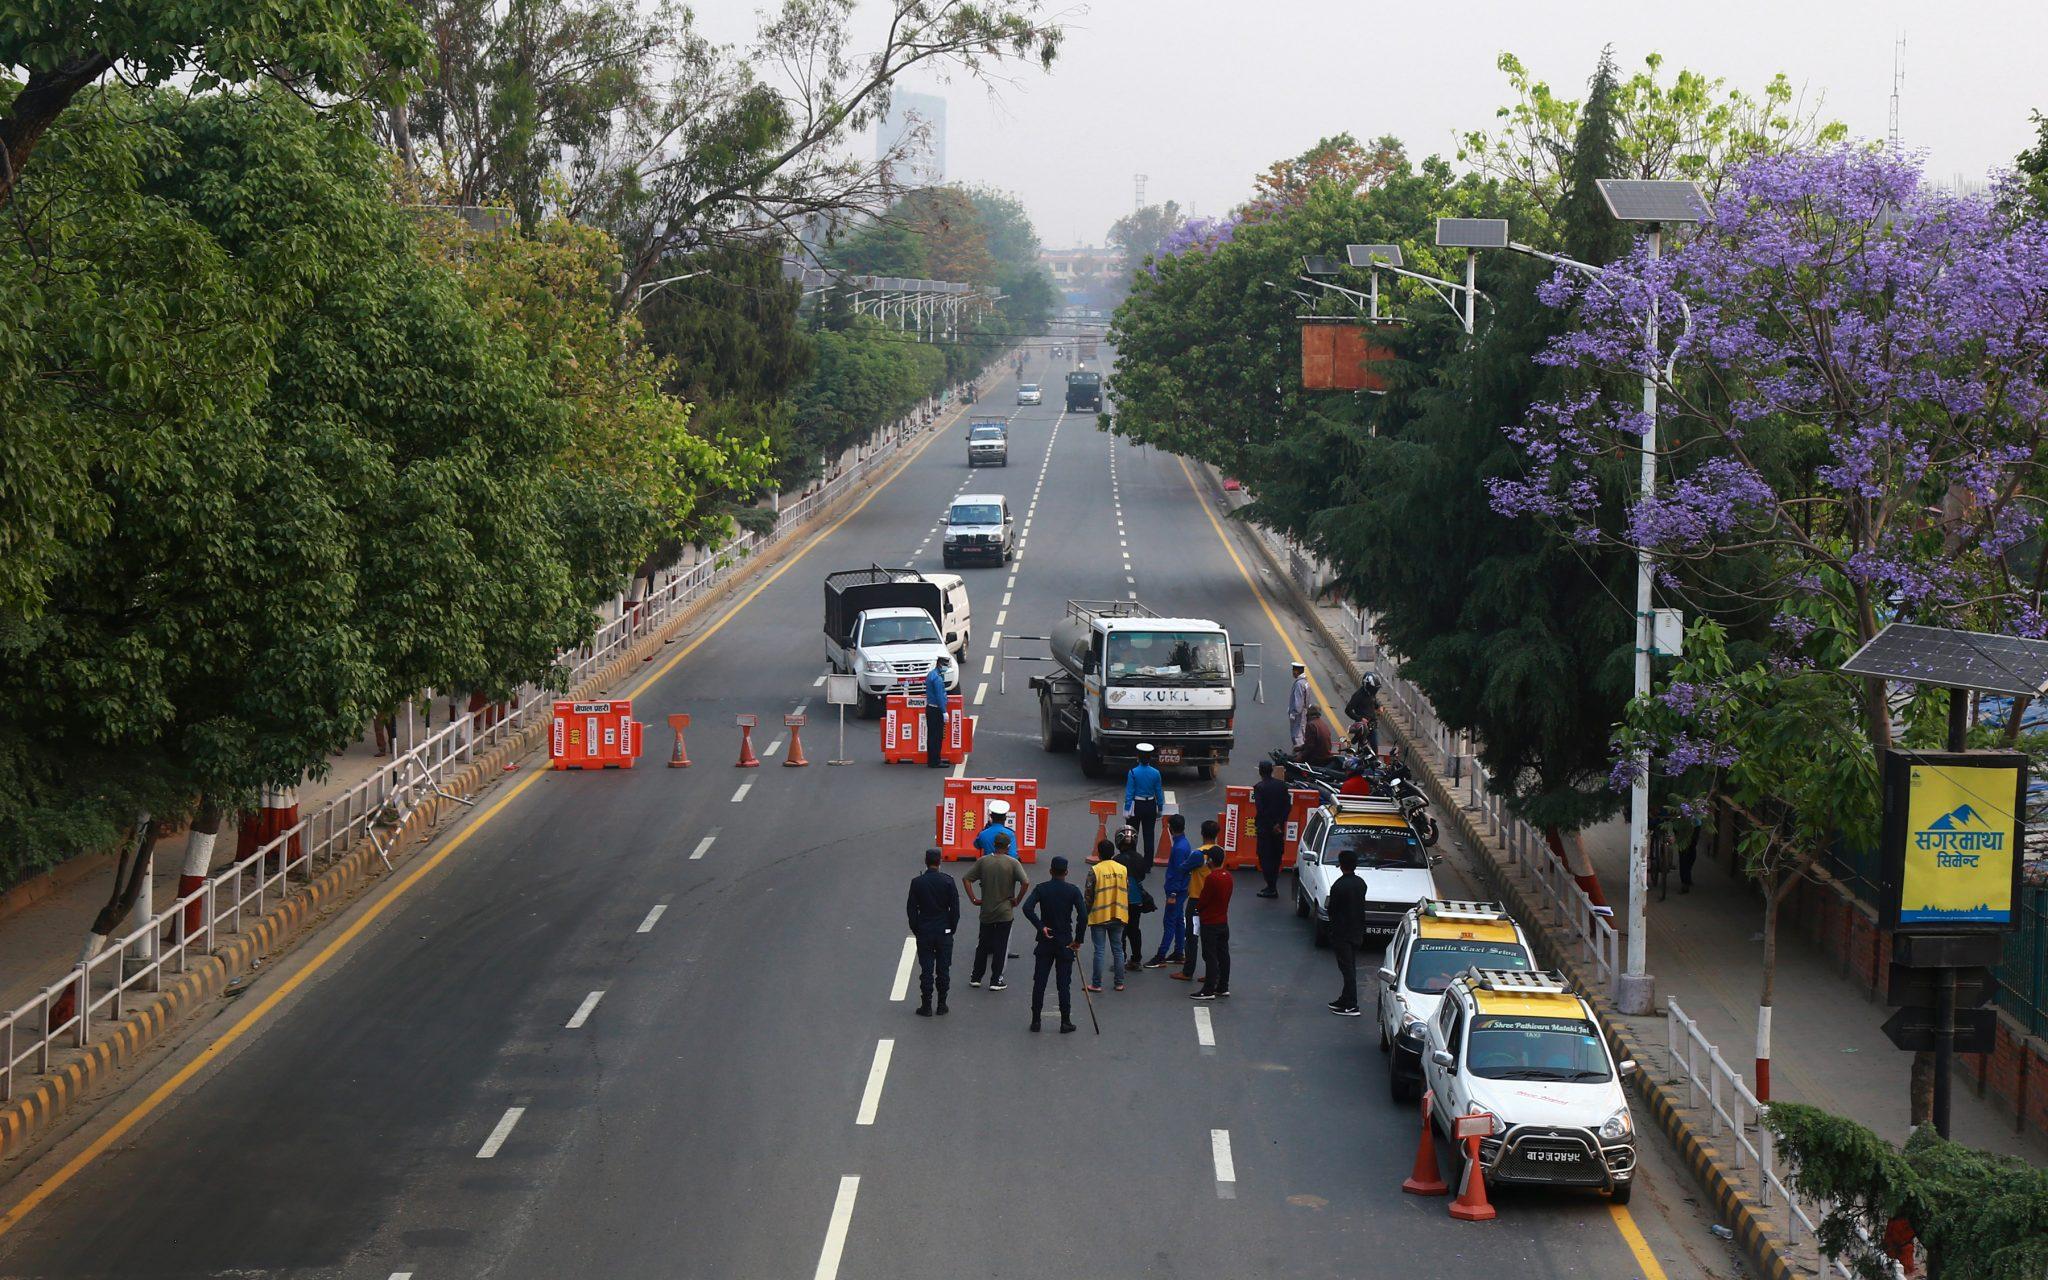 काठमाडौं उपत्यकाको निषेधाज्ञा एक साता लम्ब्याइयो, ब्यापार ब्यावसायमा खुकुलो (आदेशसहित)